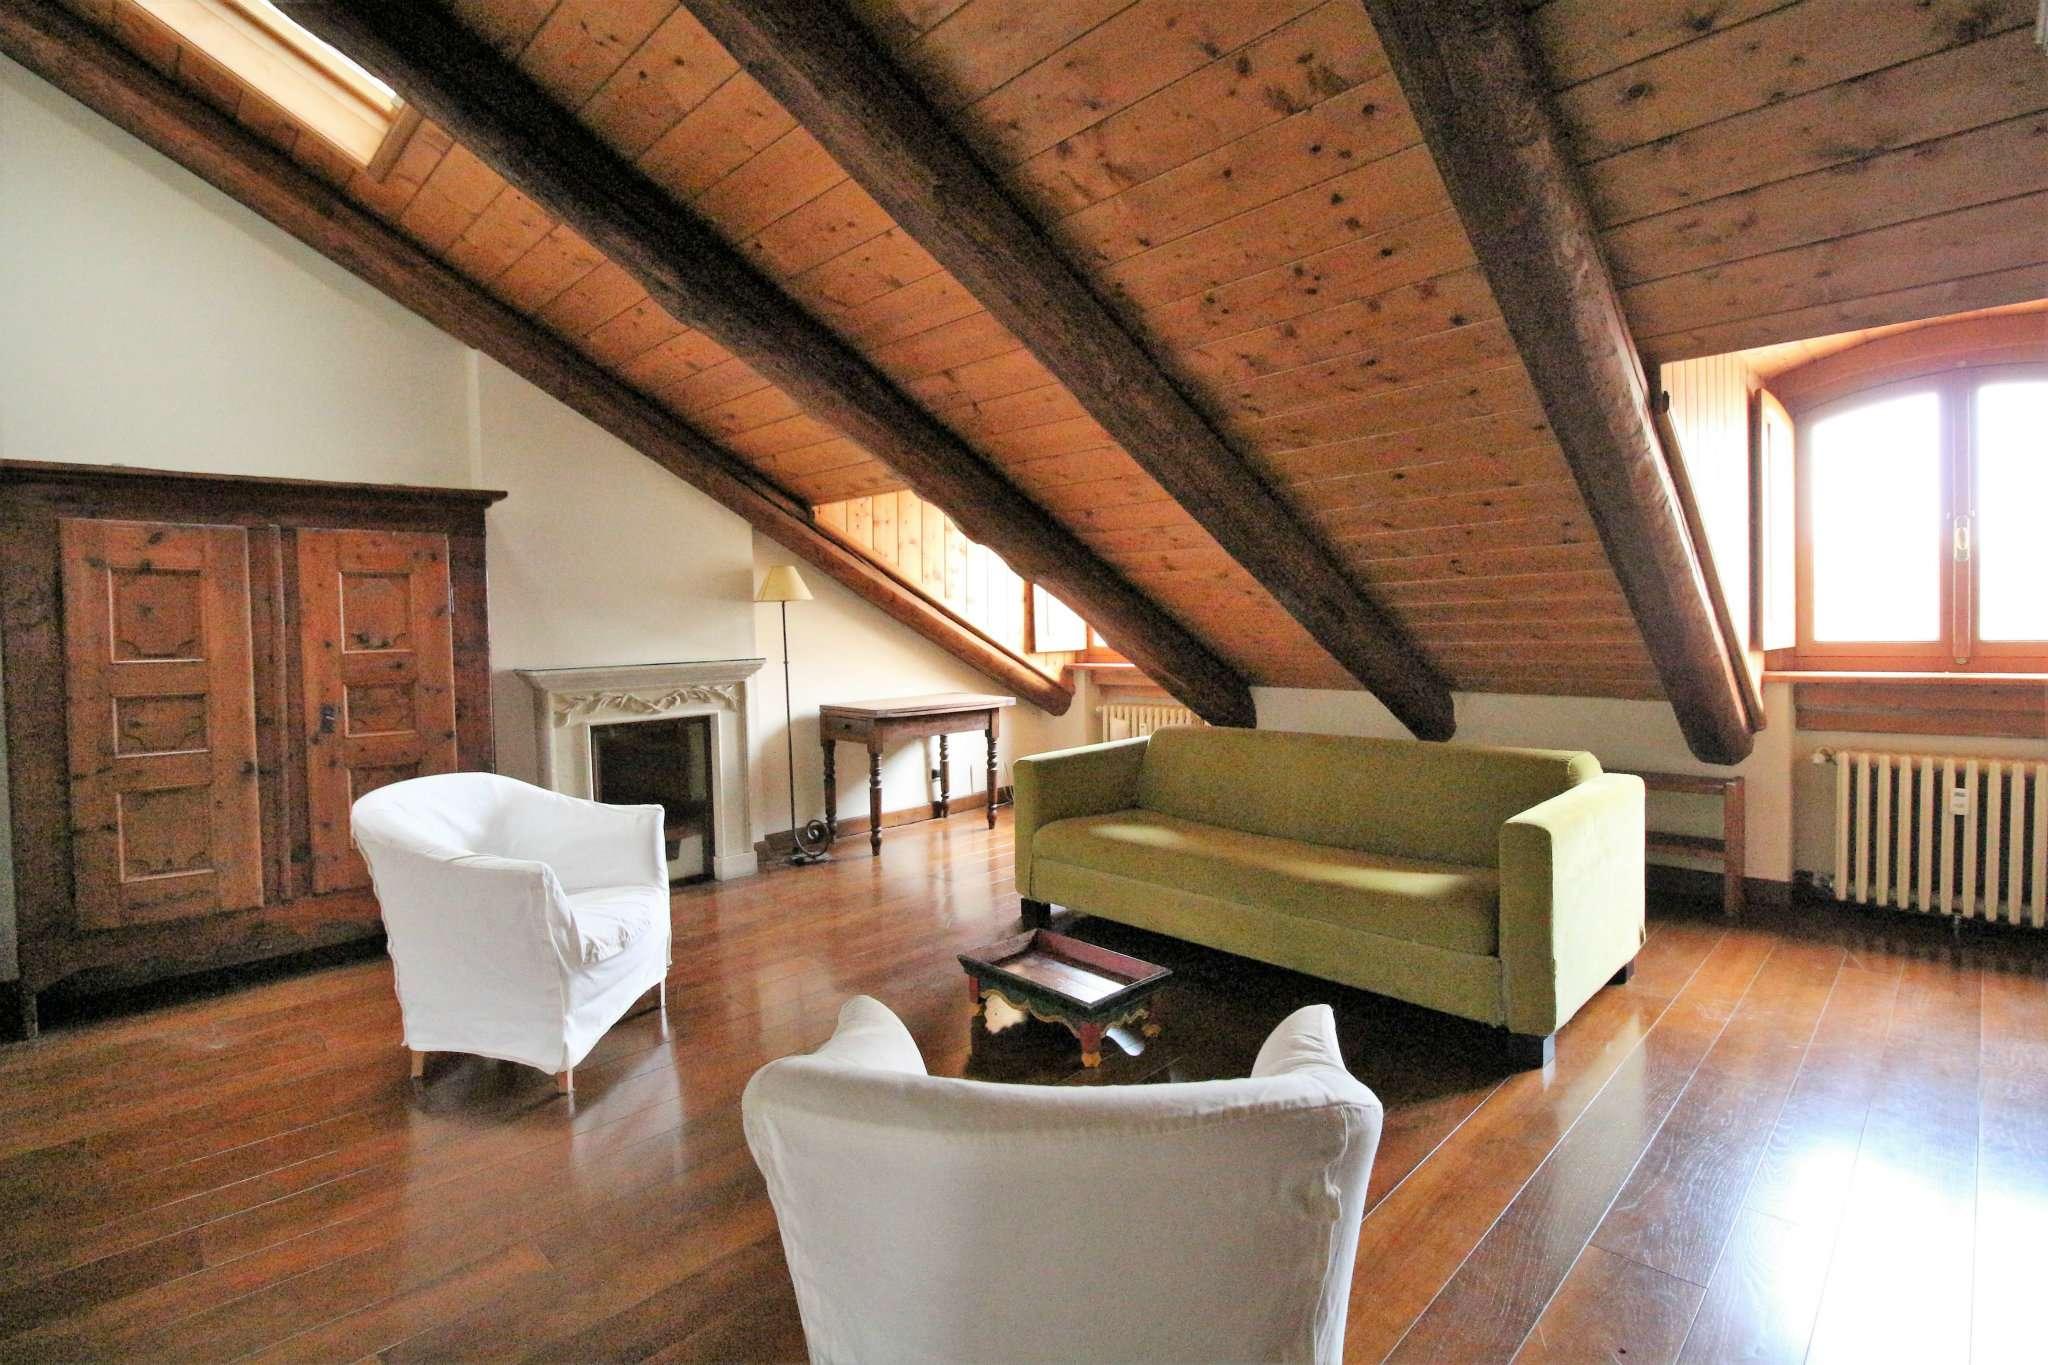 Attico / Mansarda in vendita a Torino, 3 locali, zona Centro, Quadrilatero Romano, Repubblica, Giardini Reali, prezzo € 355.000   PortaleAgenzieImmobiliari.it